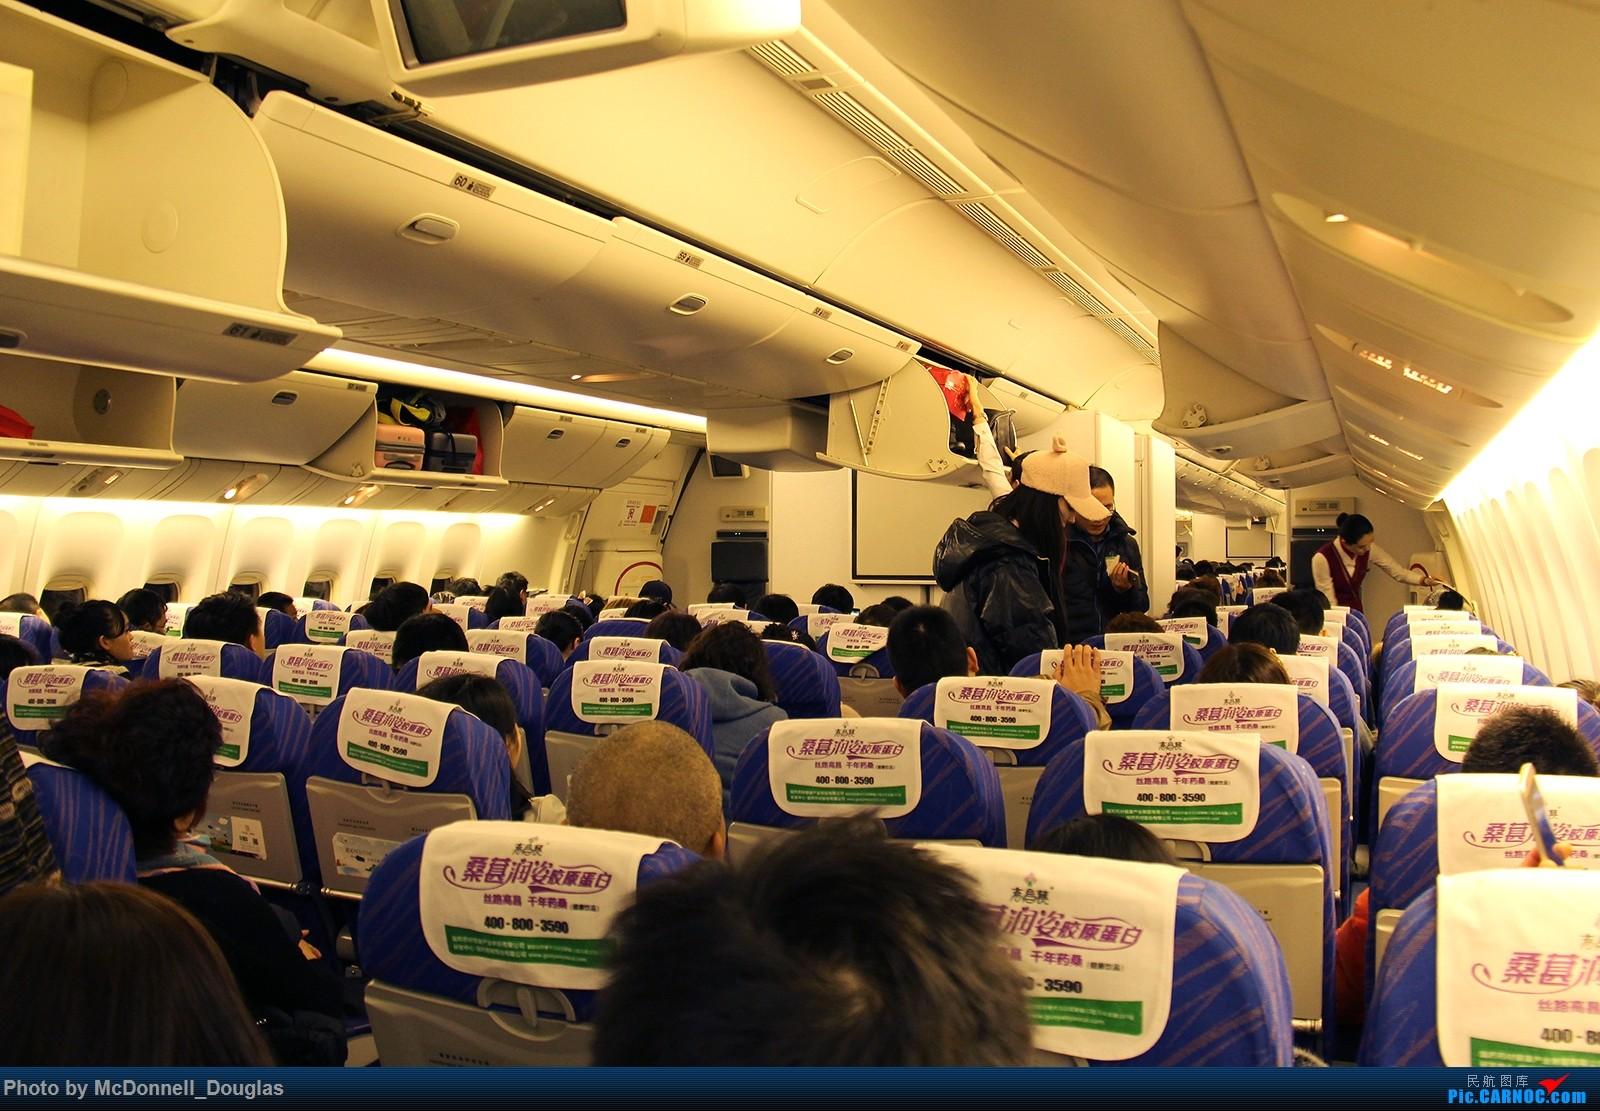 Re:【上海飞友会】【zc带你游天下(4)】不远千里飞跃喜马拉雅去看你,探寻高山另一边的神秘国度,和一群贫穷却快乐着的人们 BOEING 777-21B B-2052 中国成都双流国际机场